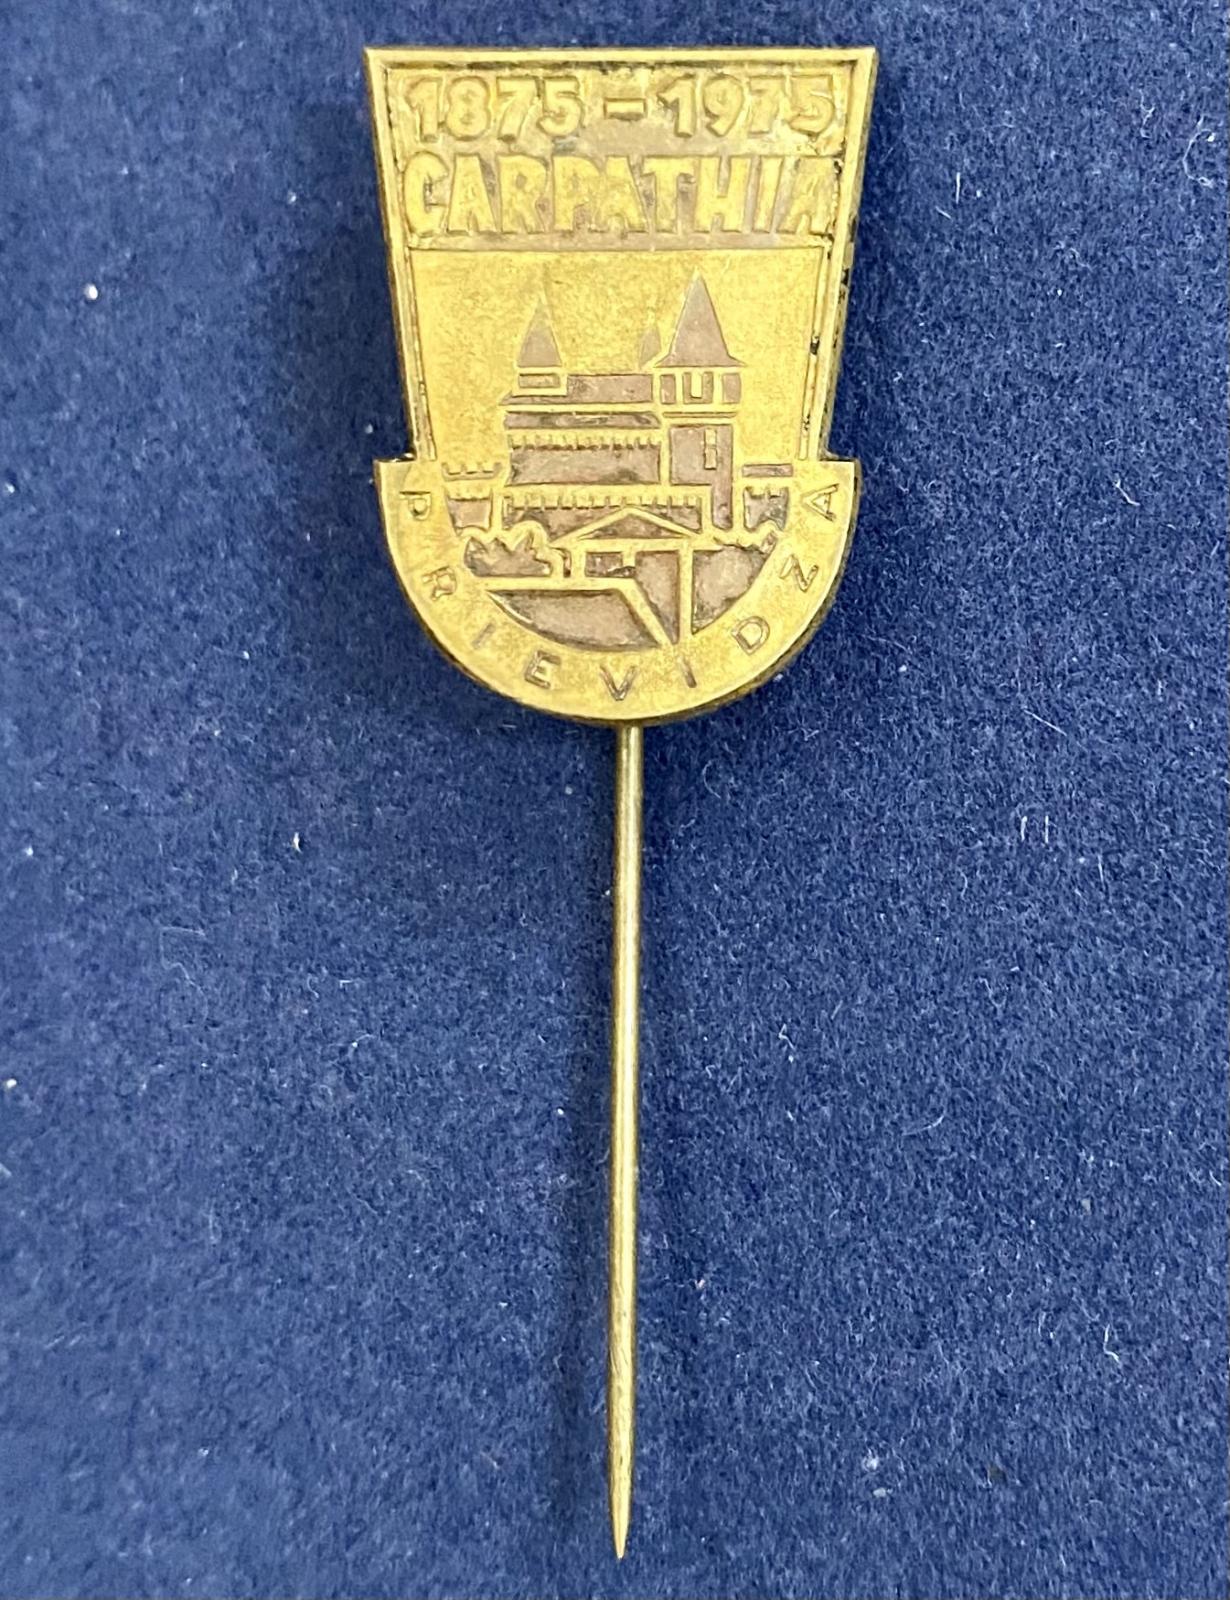 Значок на иголке Karpathia 1875-1975